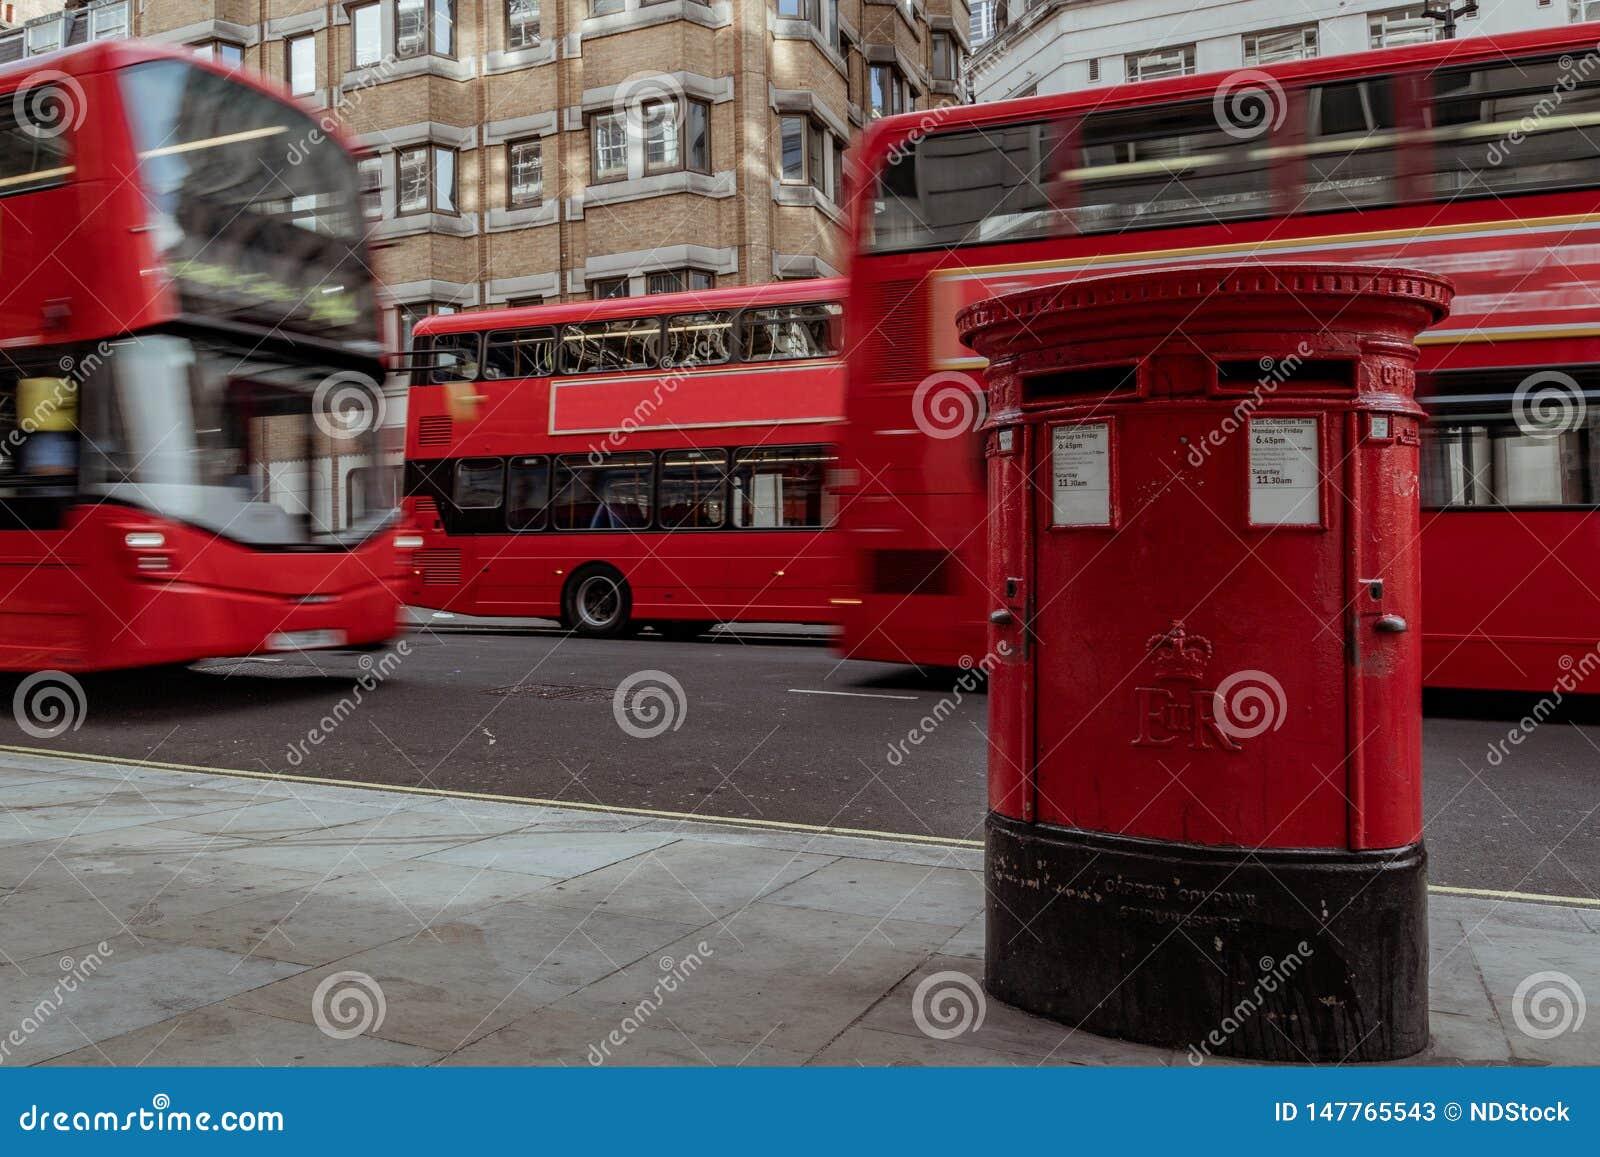 Красный почтовый ящик в Лондоне с автобусом двойной палуба проходя мимо